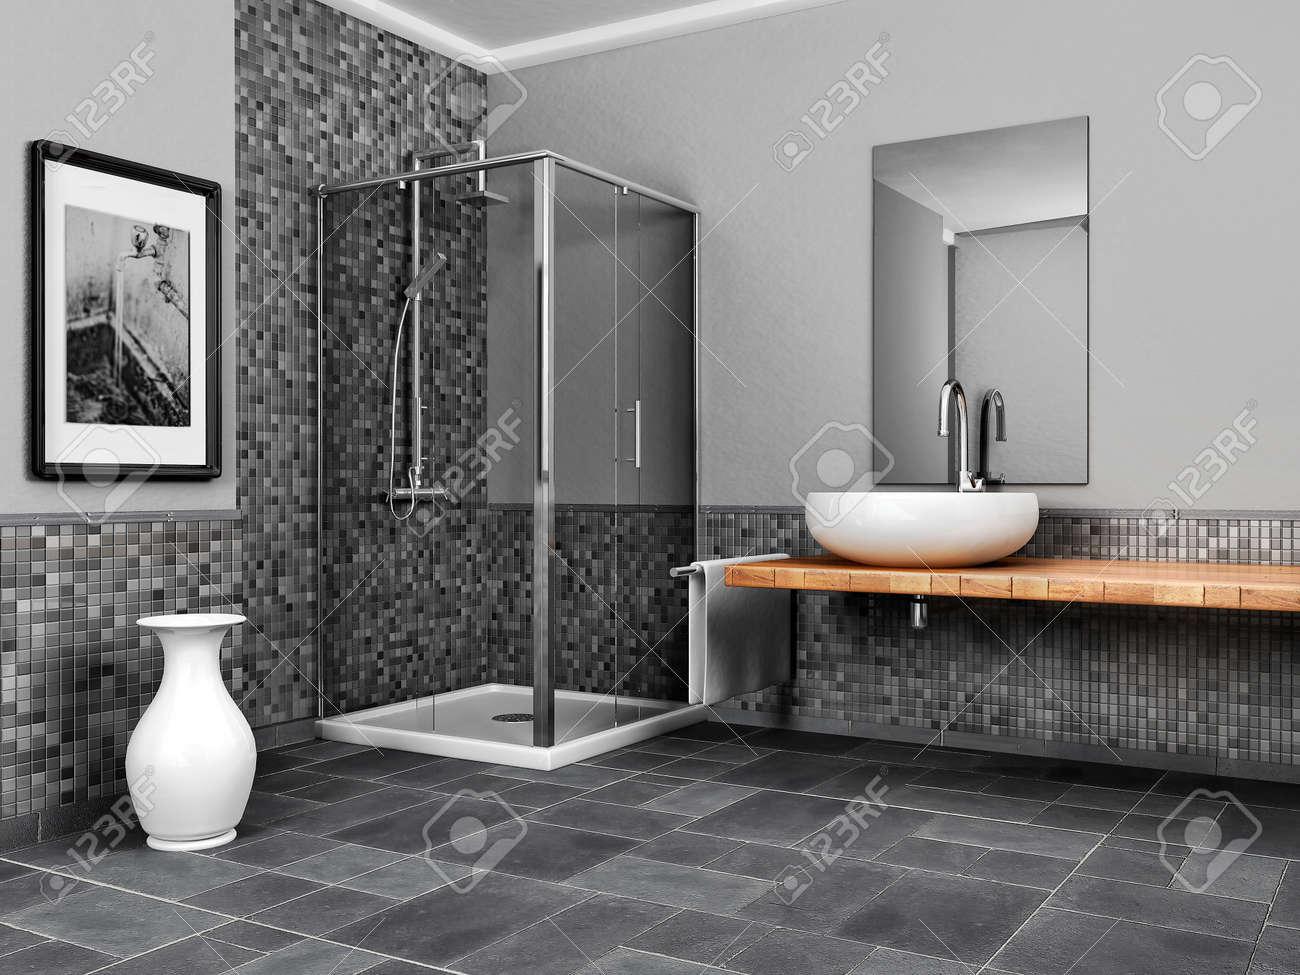 Accessoire Salle De Bain Pierre Grise ~ amazing salle de bain dans les ton gris idees photos et id es